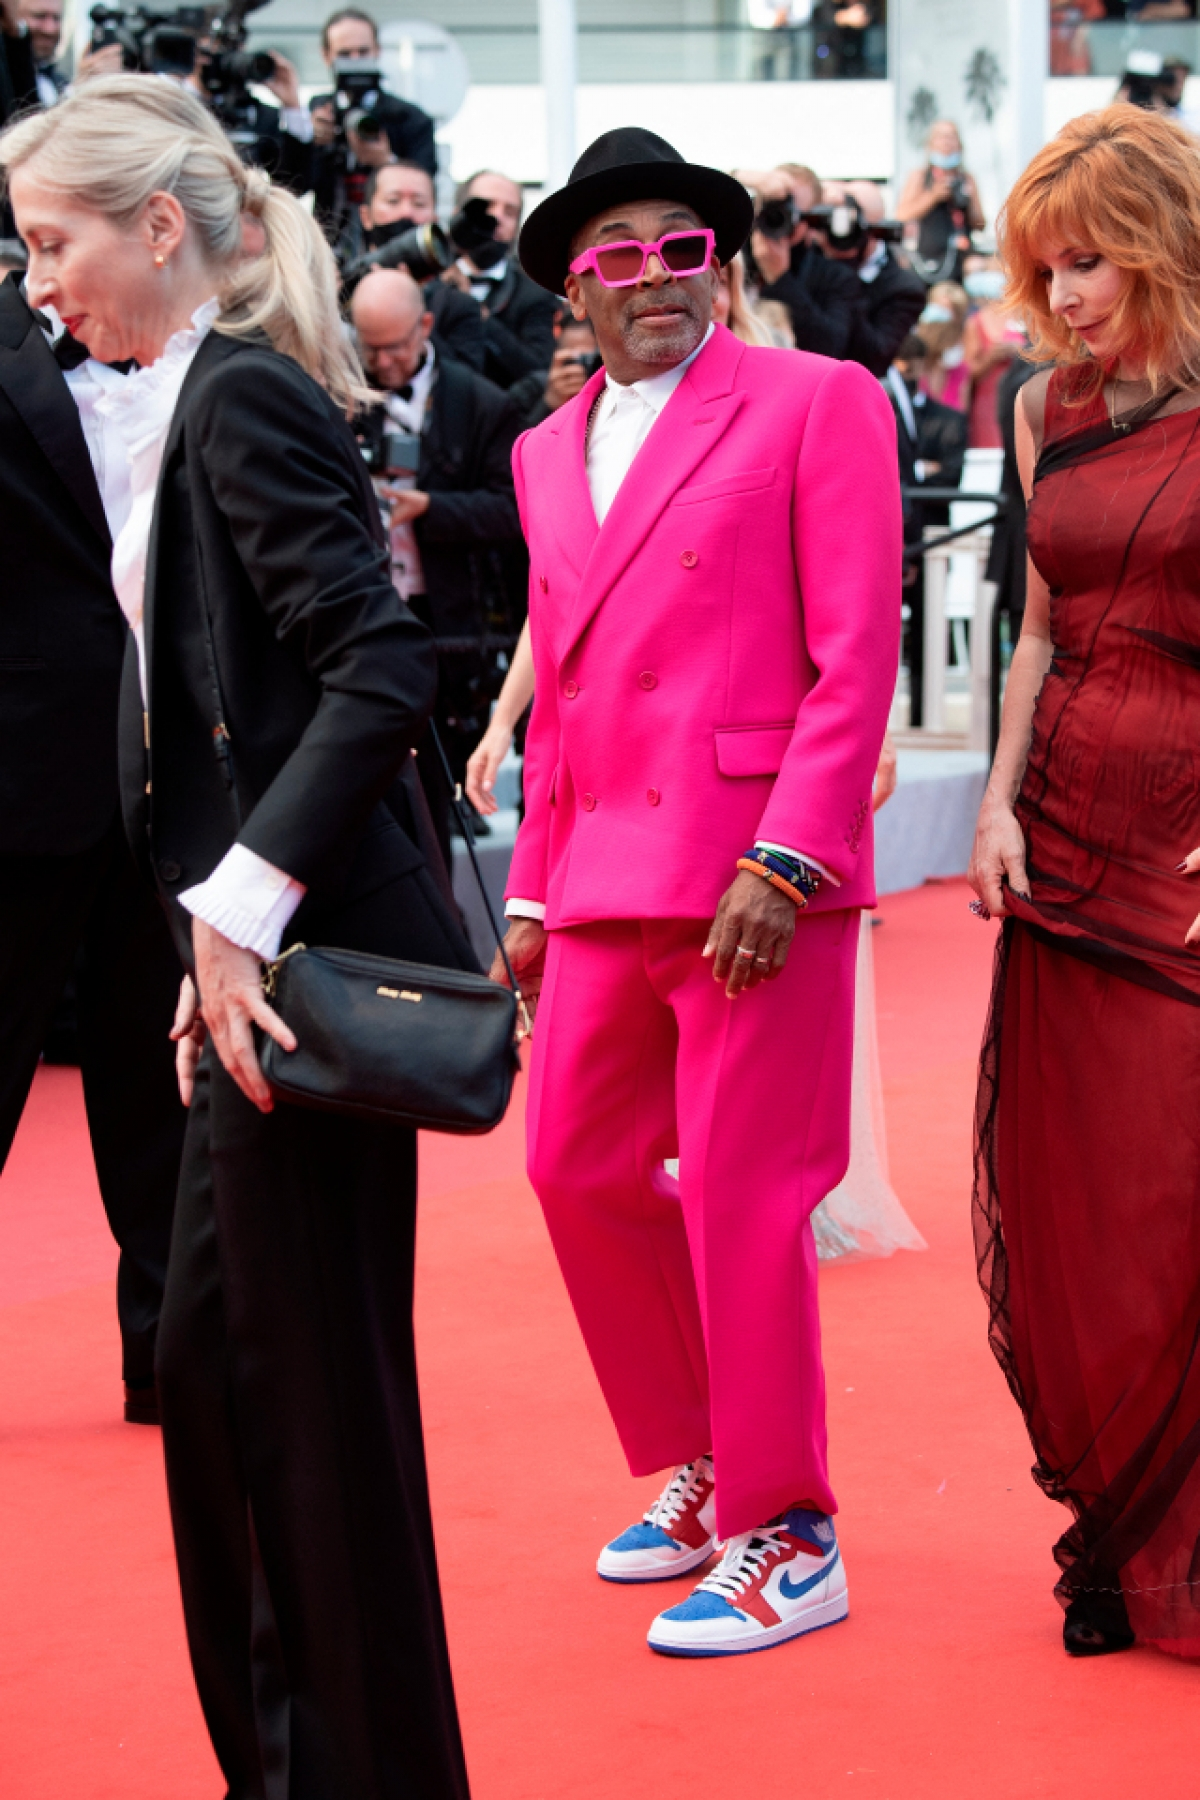 Chủ tịch ban giám khảo Cannes Spike Lee luôn diện các trang phục do Virgil Abloh thiết kế cho Louis Vuitton tại nhiều sự kiện. Đạo diễn và nhà biên kịch từng đoạt giải Oscar đã tham dự đêm khai mạc với vẻ ngoài bắt mắt nhất của mình: bộ vest màu hồng với cặp kính râm đồng điệu. Lee hoàn thiện bộ cánh với đôi giày Nike Air Jordan's được thiết kế với tông màu xanh lam, trắng và đỏ mang dấu ấn của quốc kỳ Pháp./.